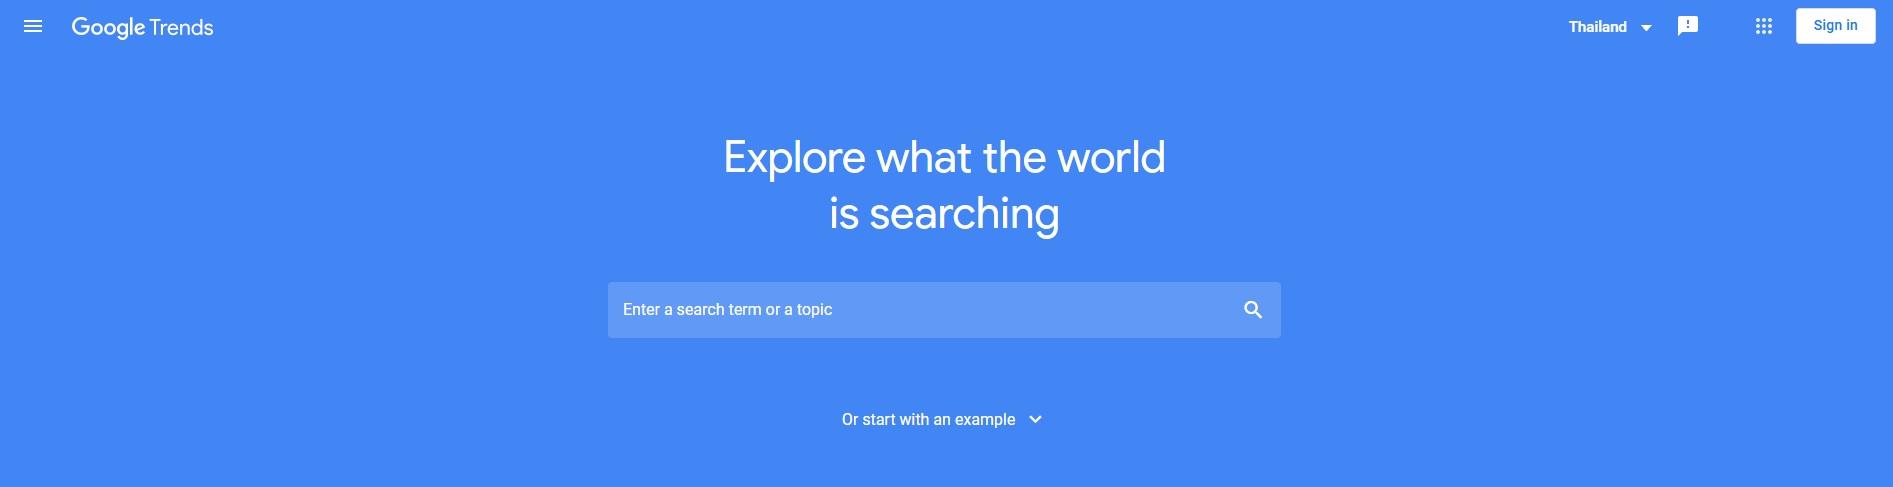 เปิดรายละเอียดการใช้งาน Google Trends